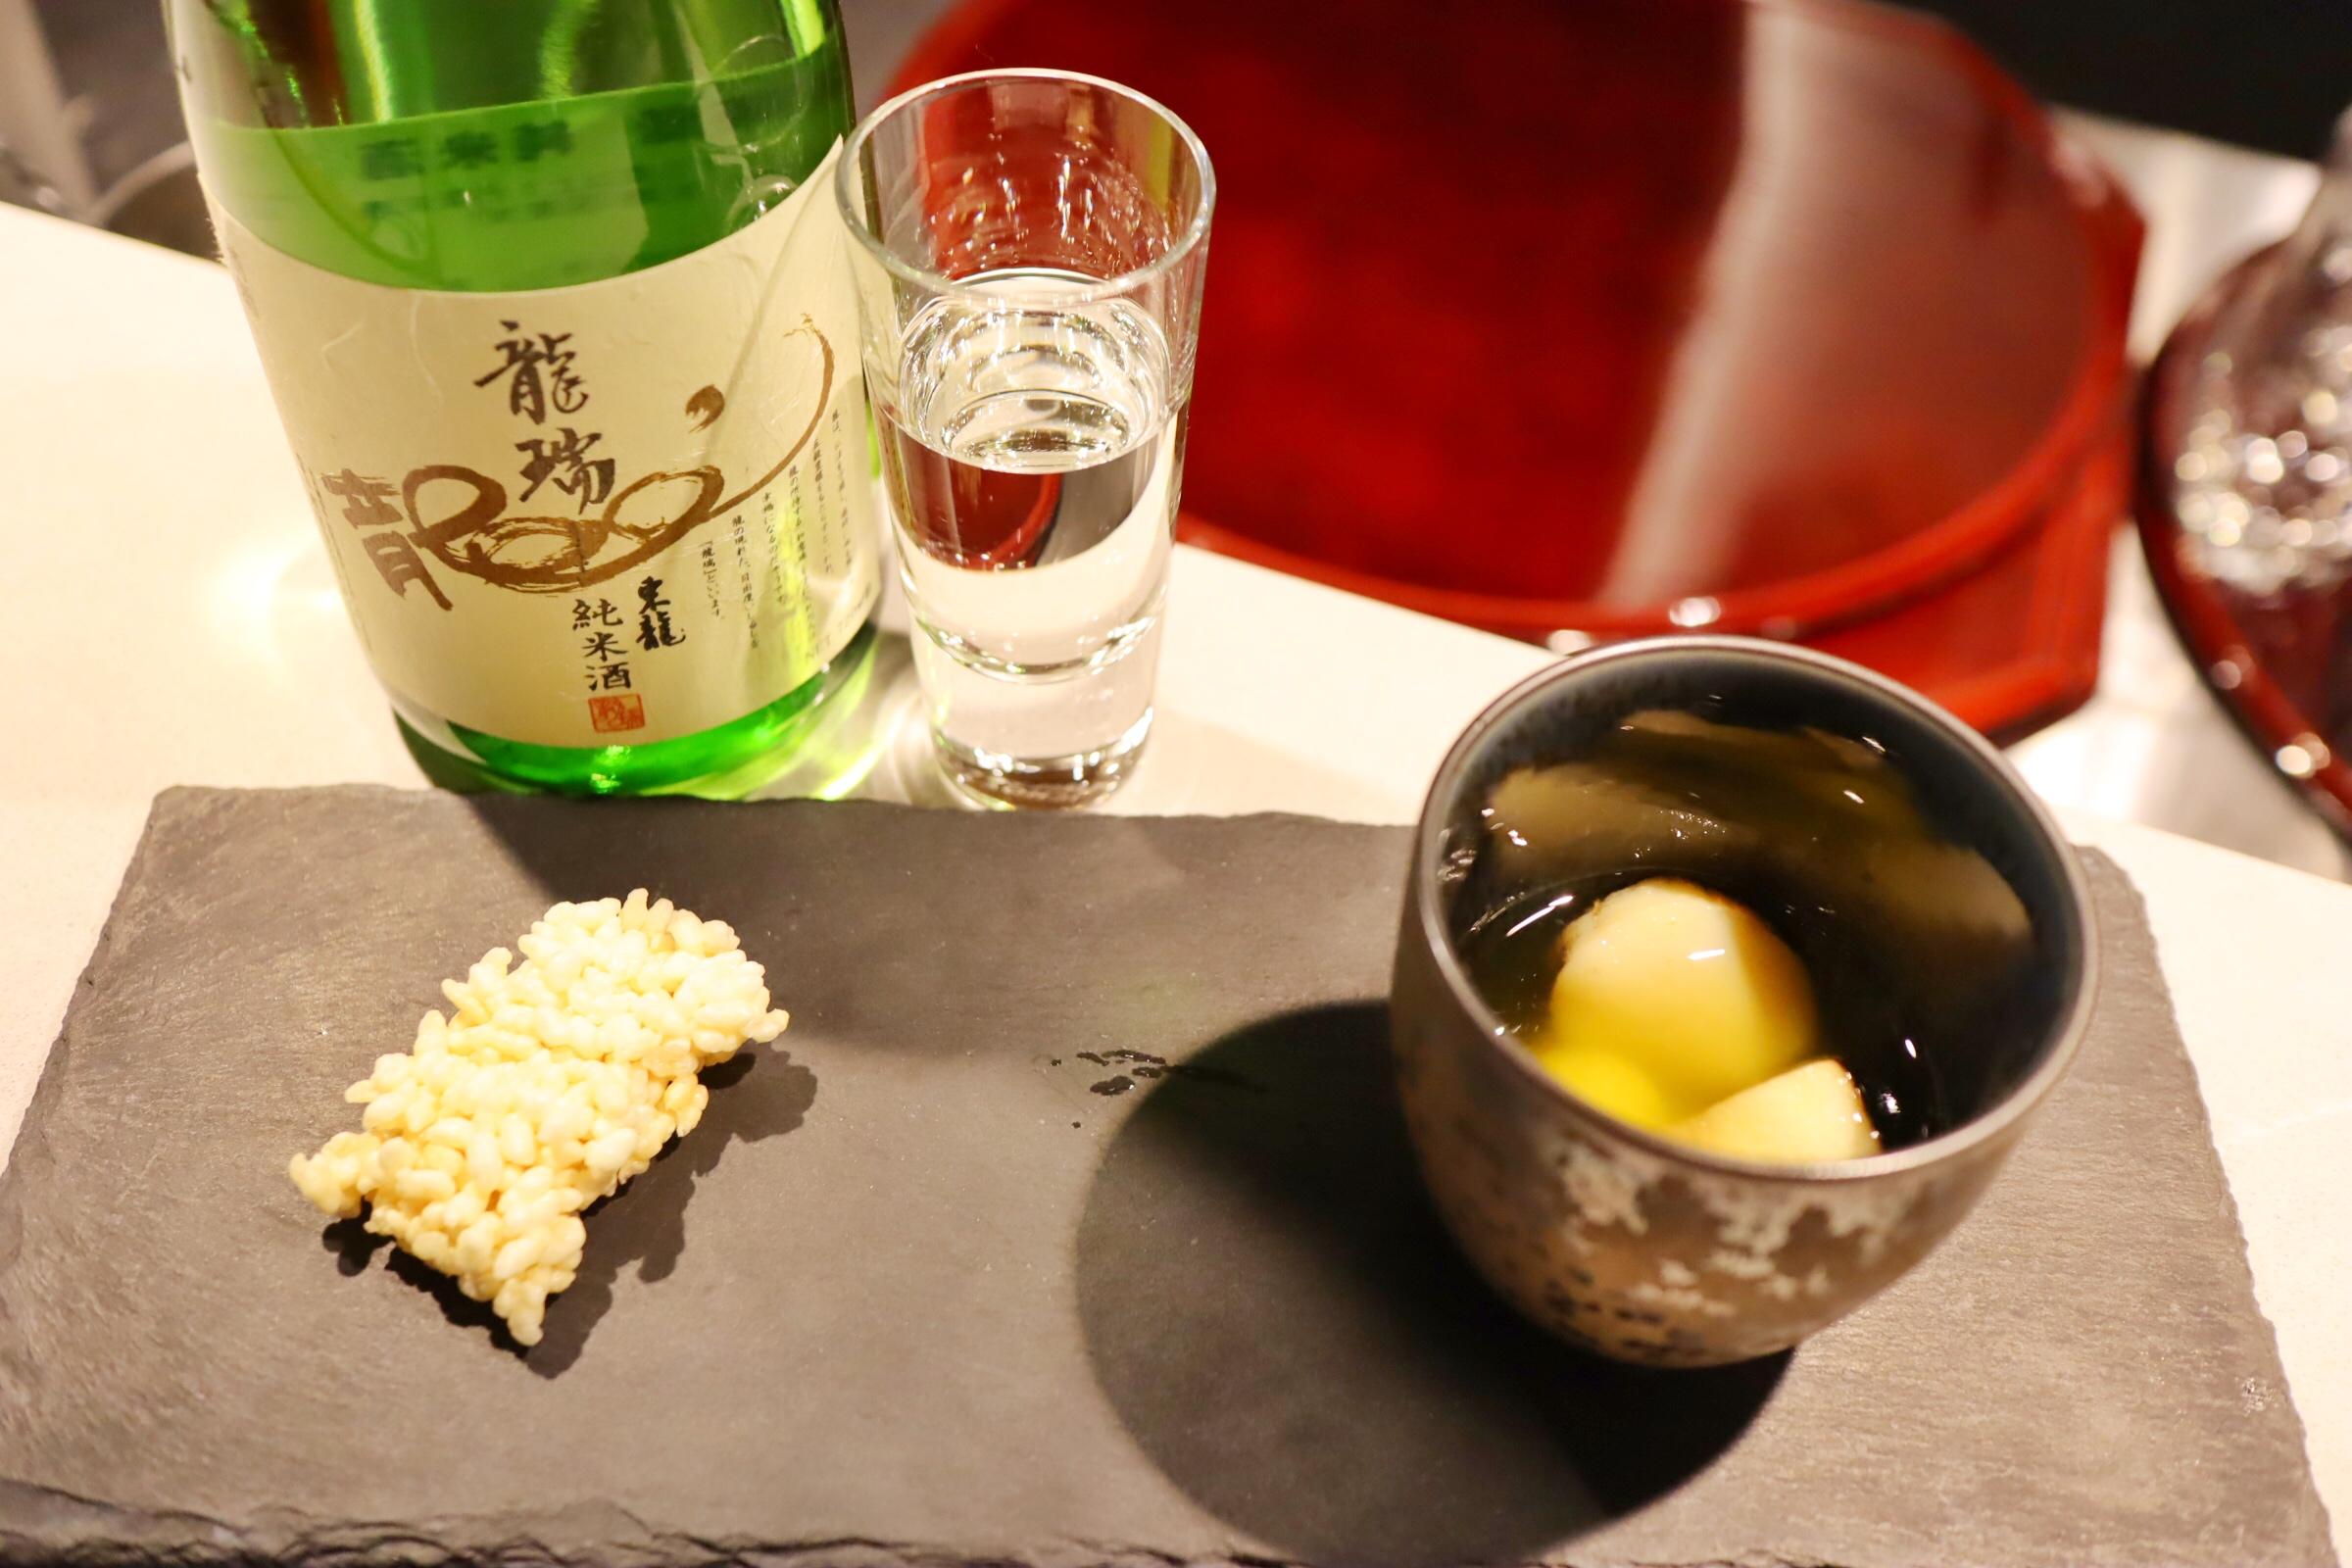 ヒルトン名古屋の日本料理「源氏」に酒バーがオープン!特選地酒と地元食材を使った創作和食とのペアリングを堪能できる - e0fef4253fed017398202ff4a680e180